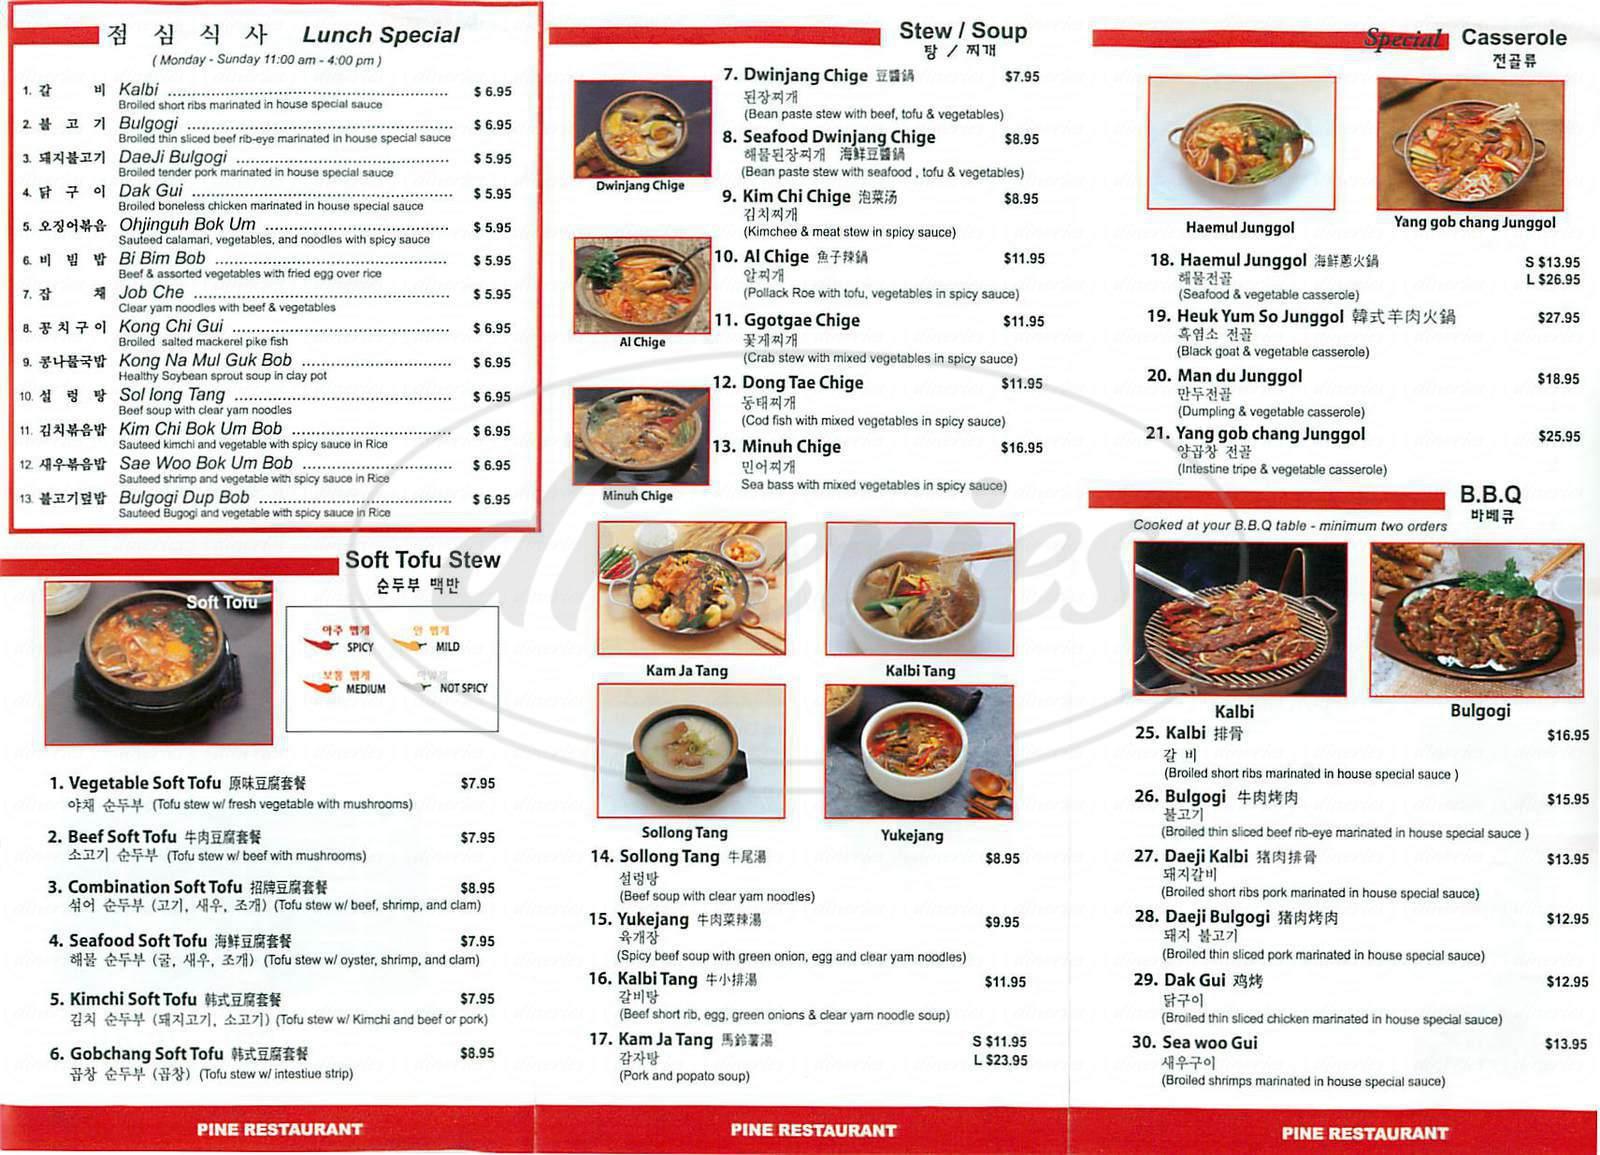 menu for Pine Restaurant